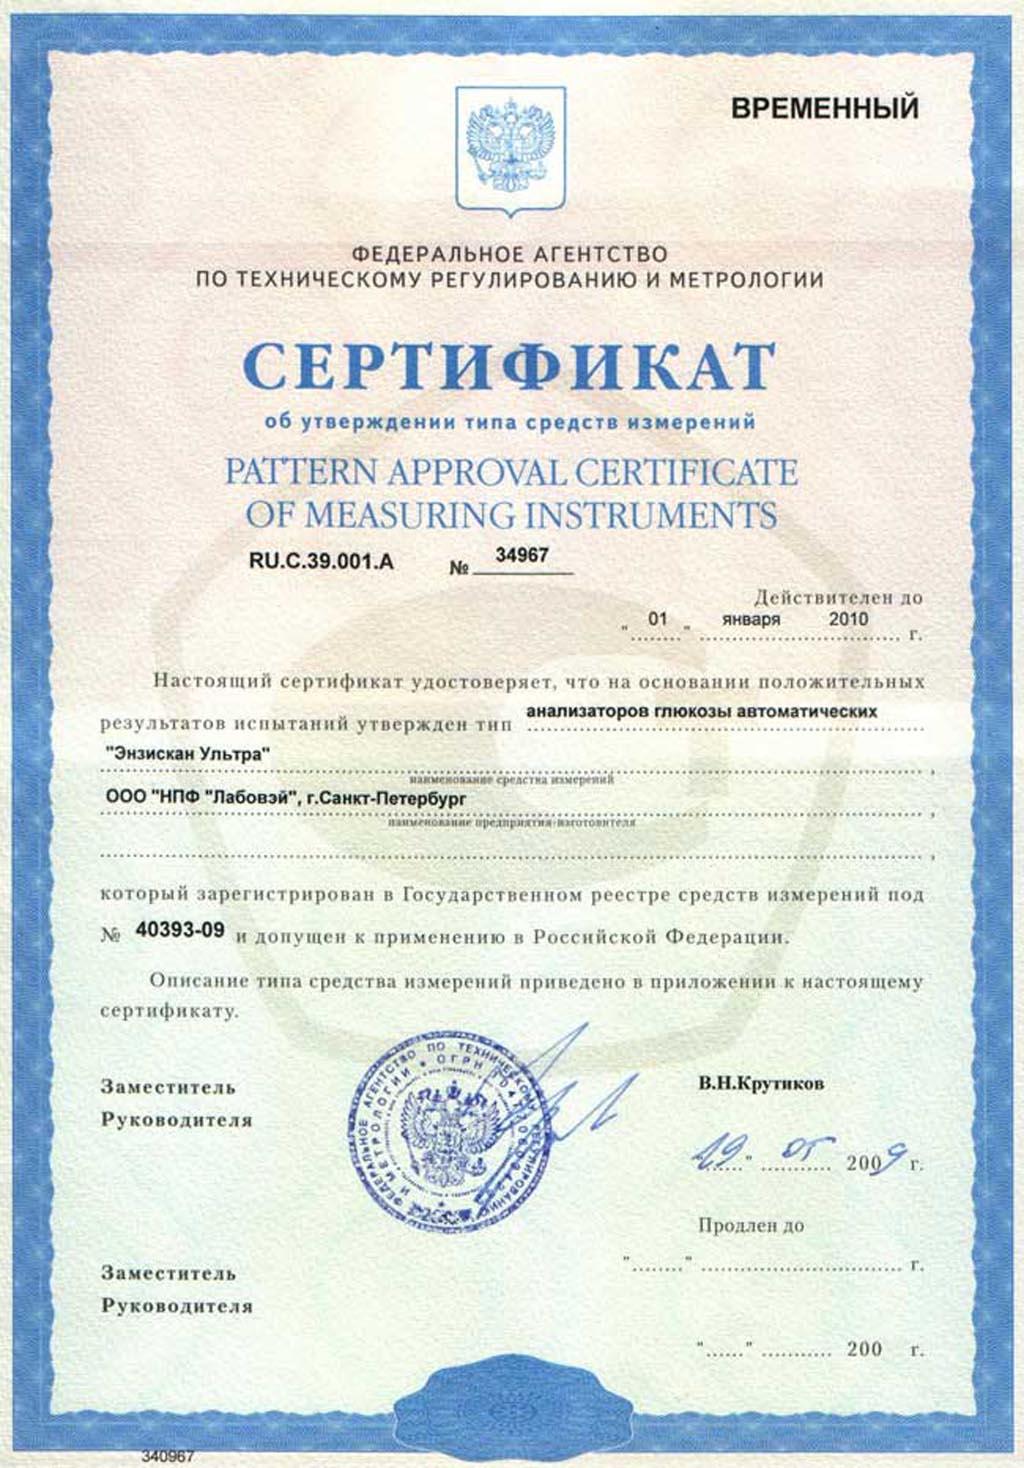 сертификат Энзискан Ультра анализатор глюкозы